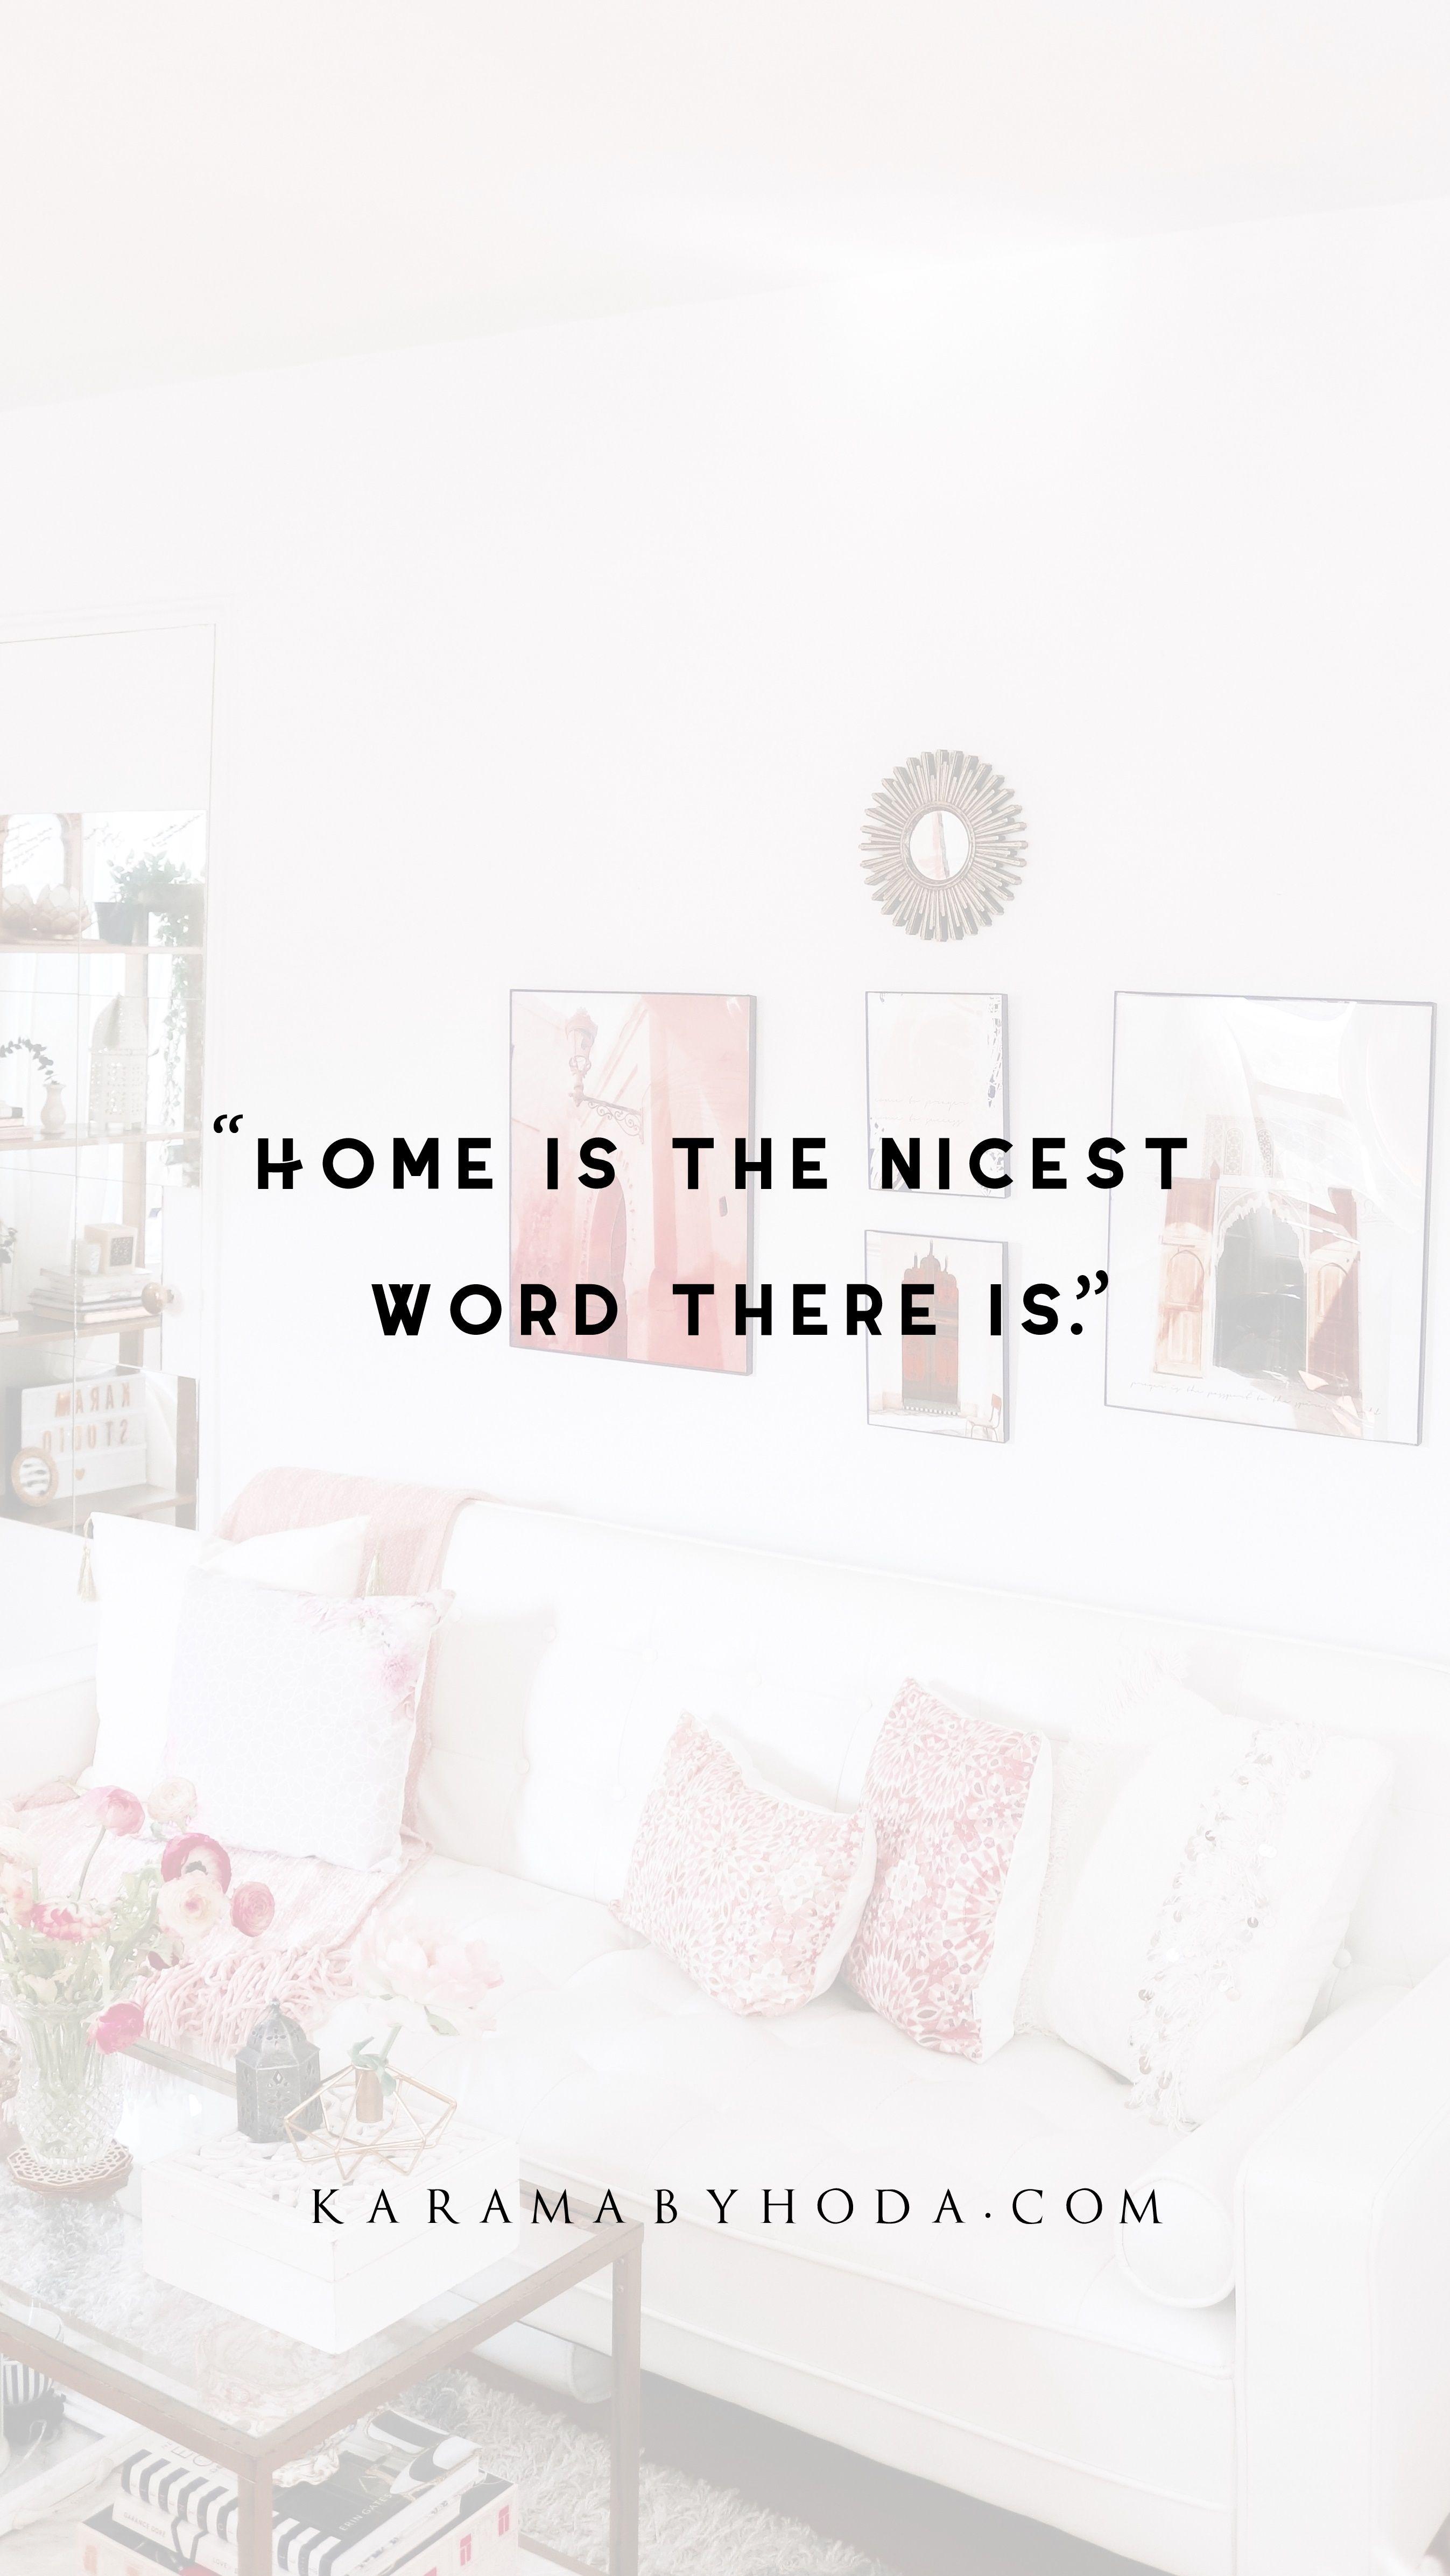 #homedecorquotes